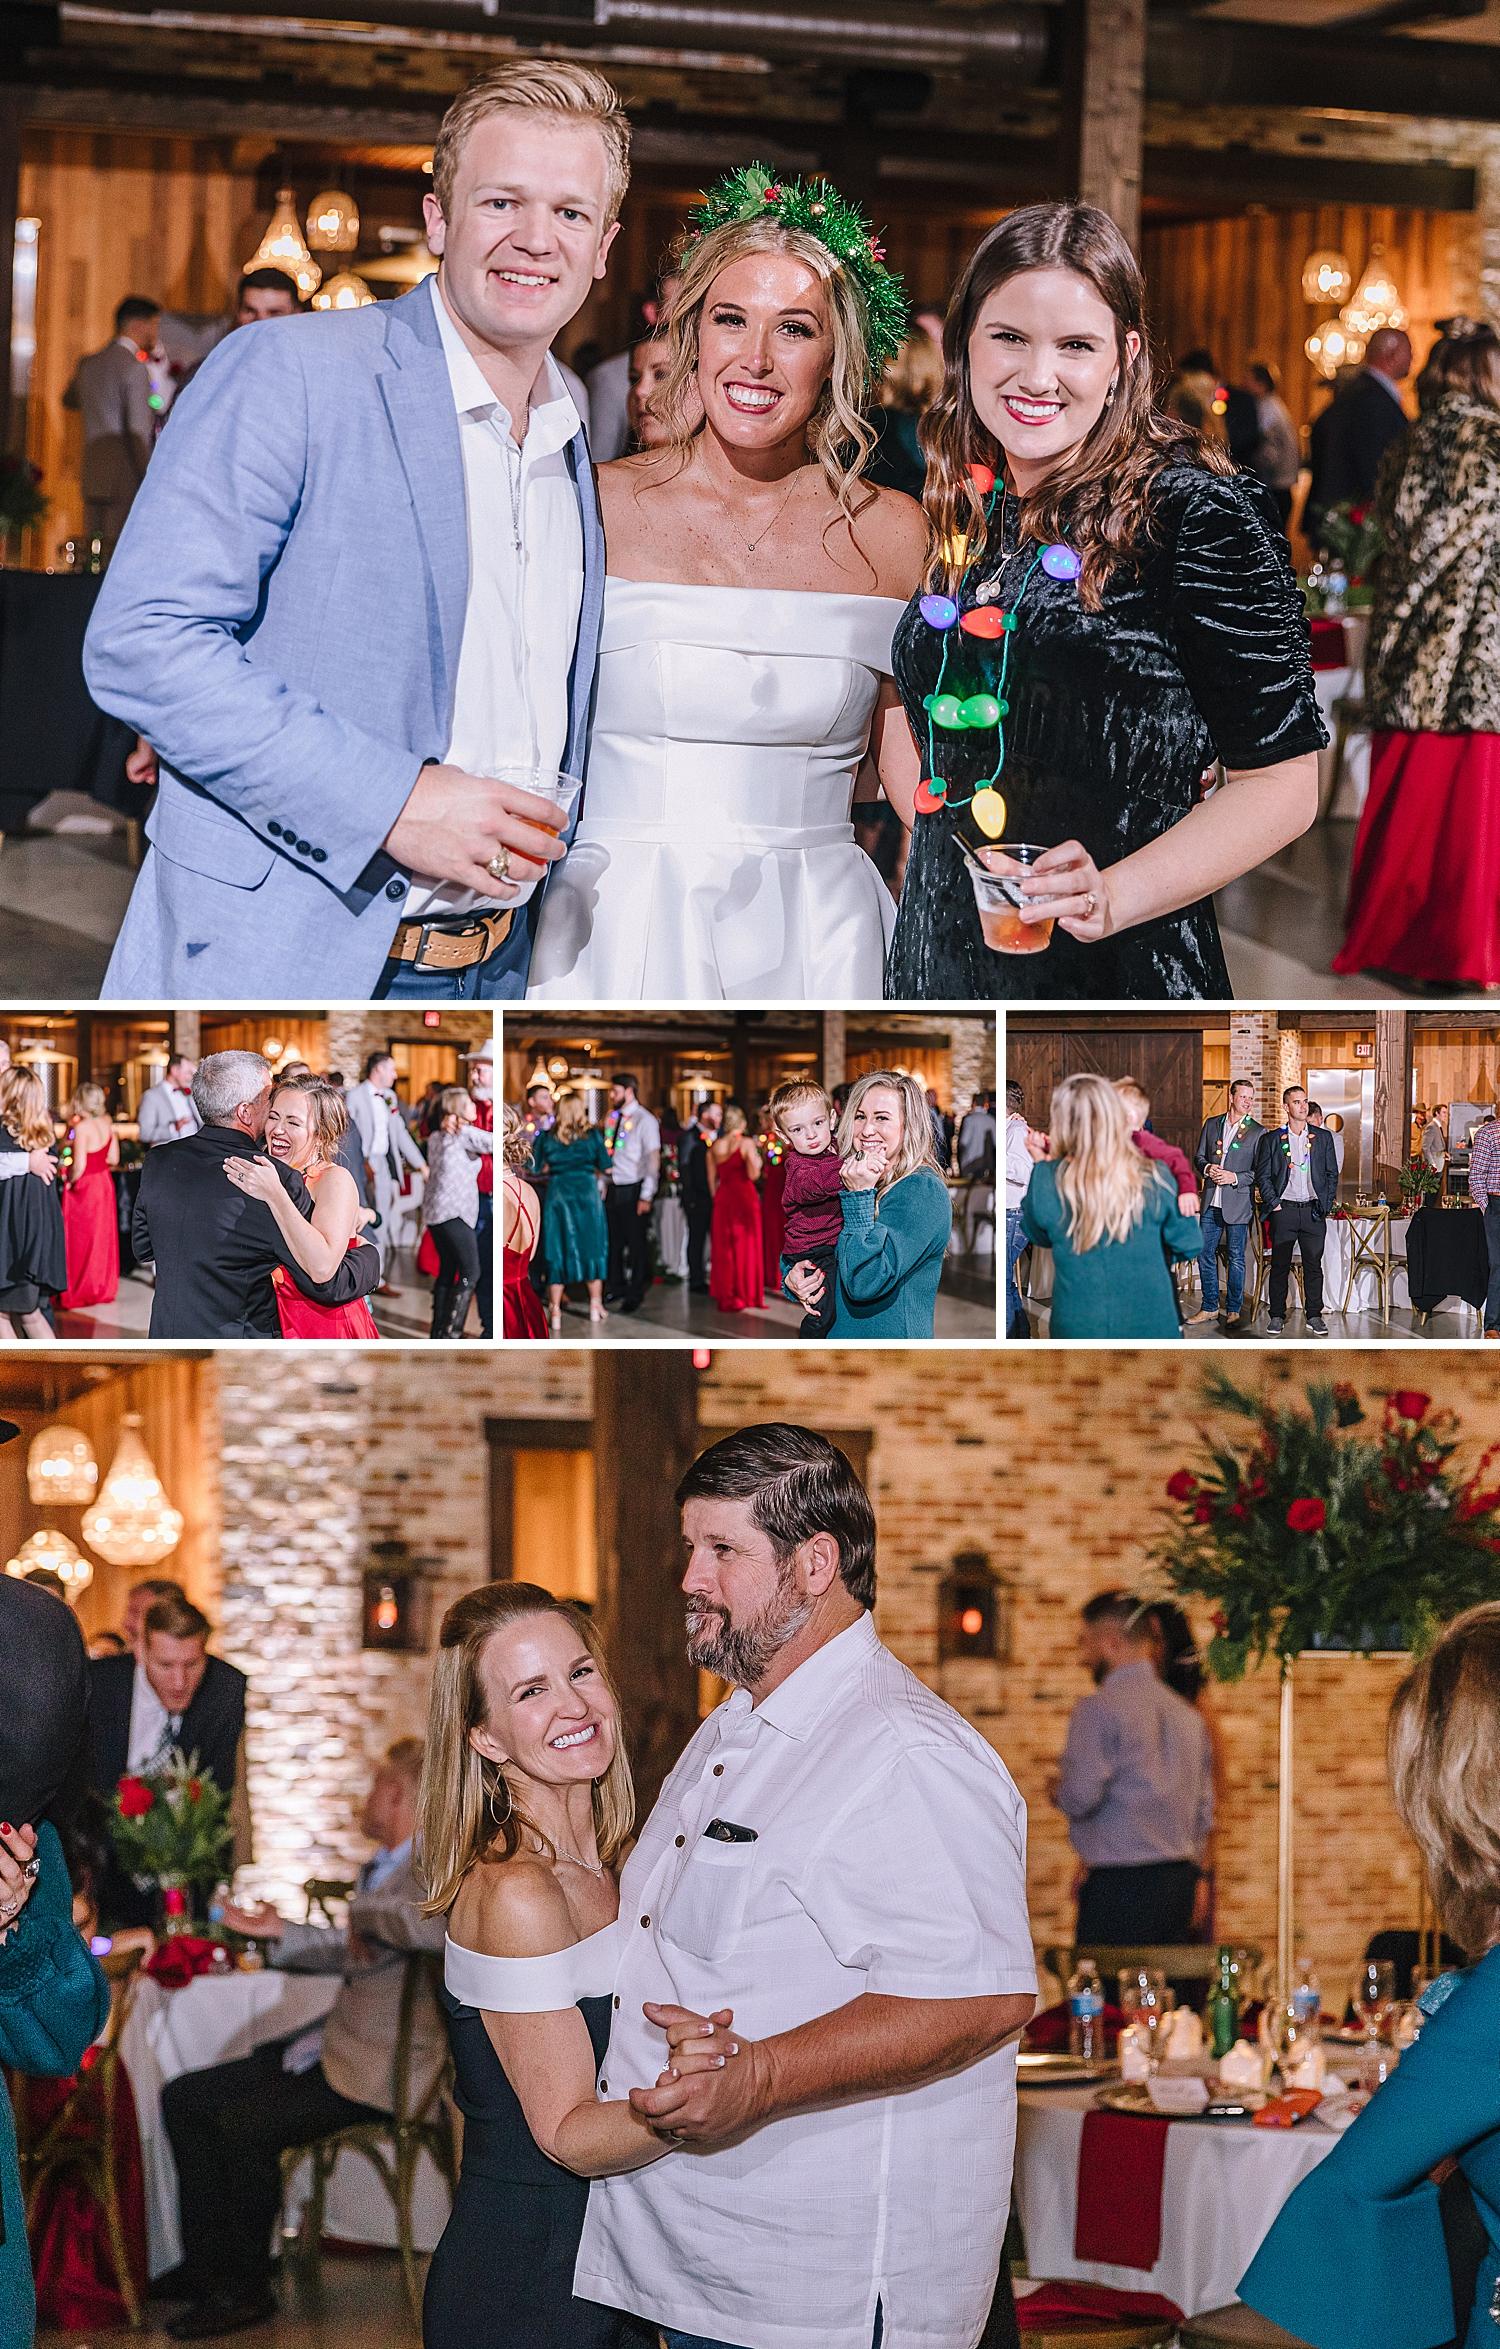 College-Station-Aggie-Wedding-The-Weinberg-at-Wixon-Valley-Christmas-Hallmark-Wedding_0129.jpg